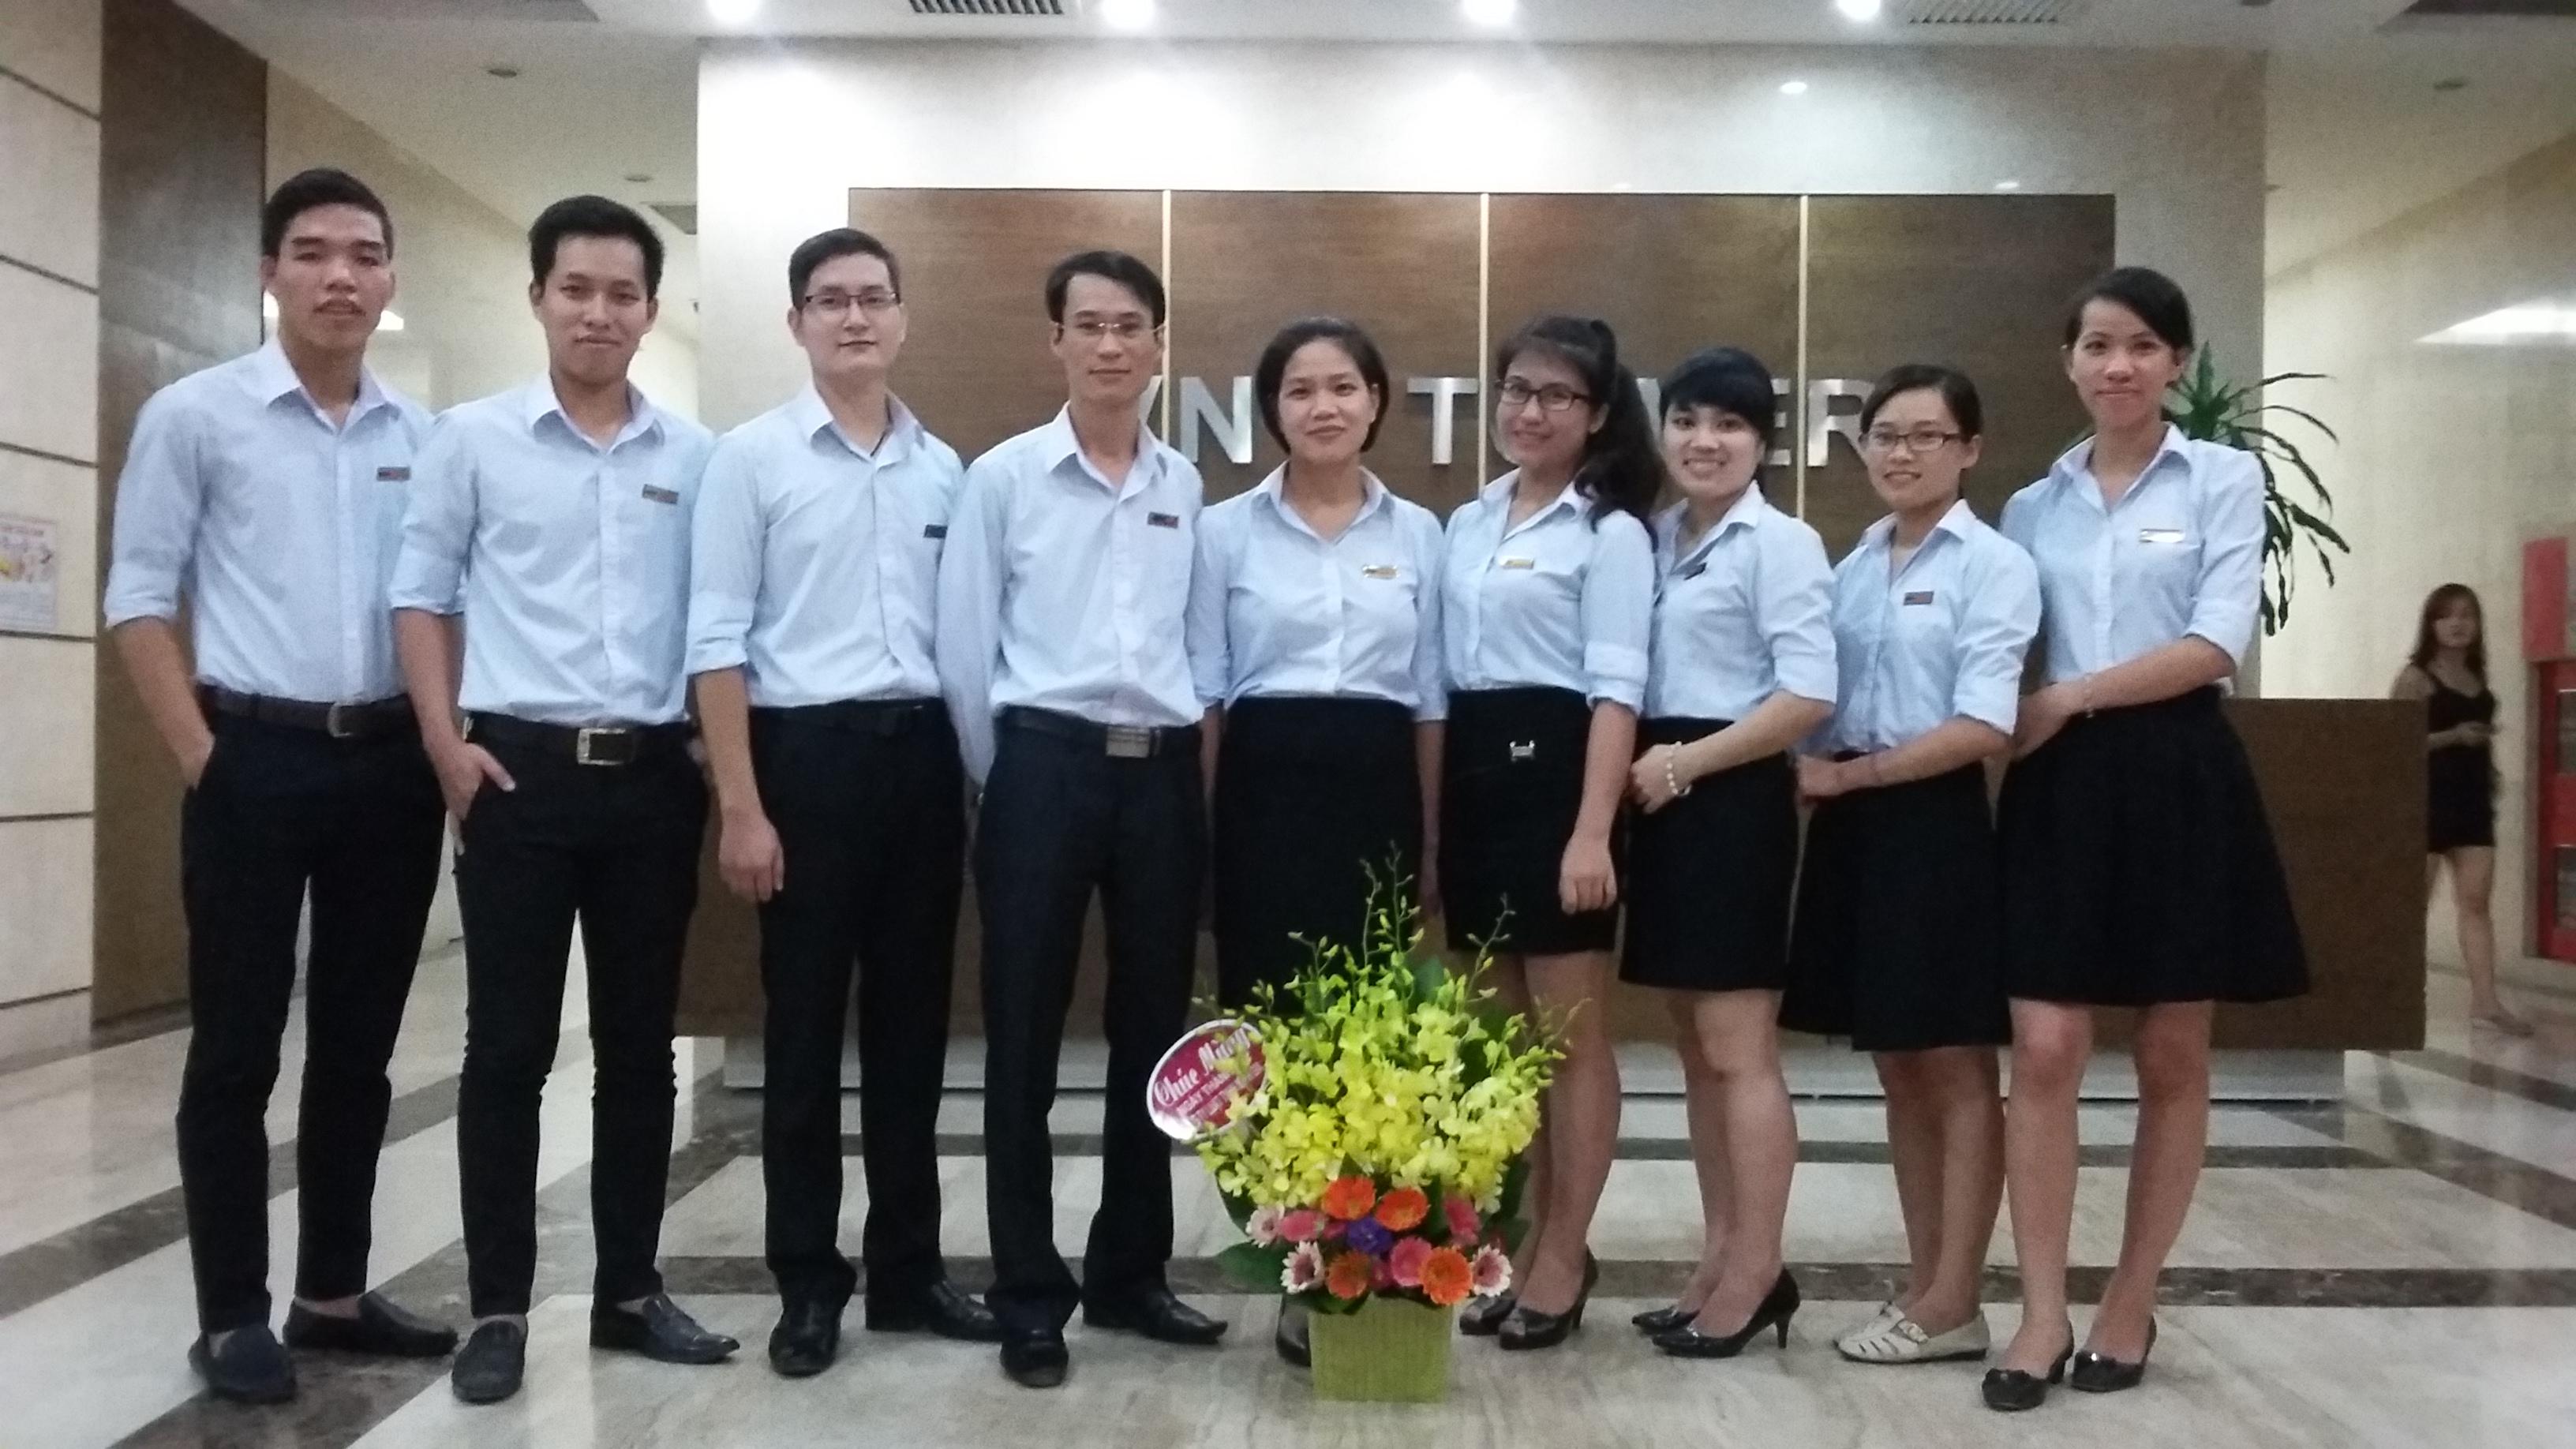 Tuyển sinh viên luật đăng ký tập sự, học việc tại Công ty luật